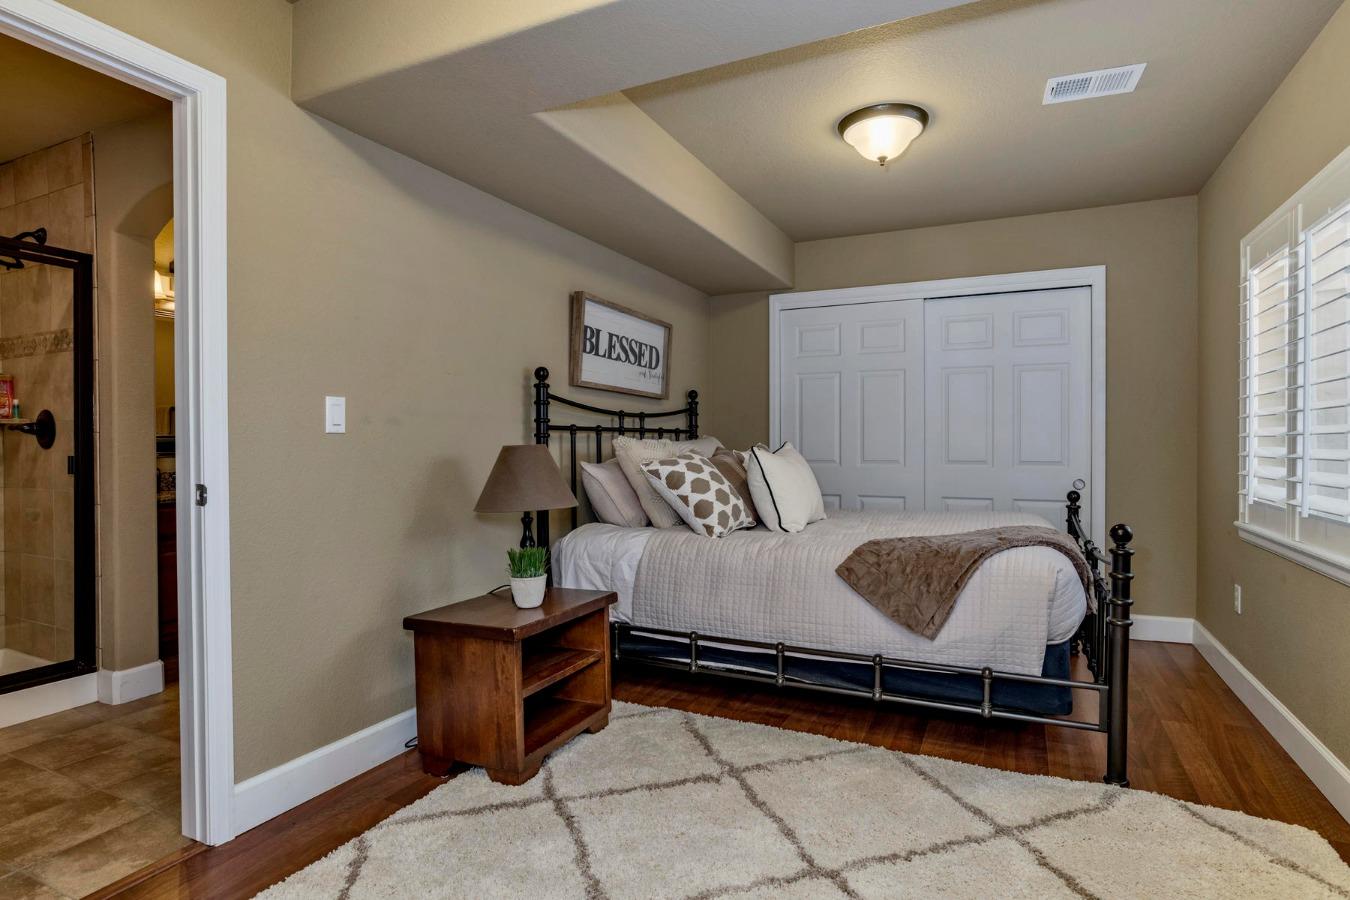 5th Bedroom /Guest Suite Adjoins Bath in Basement